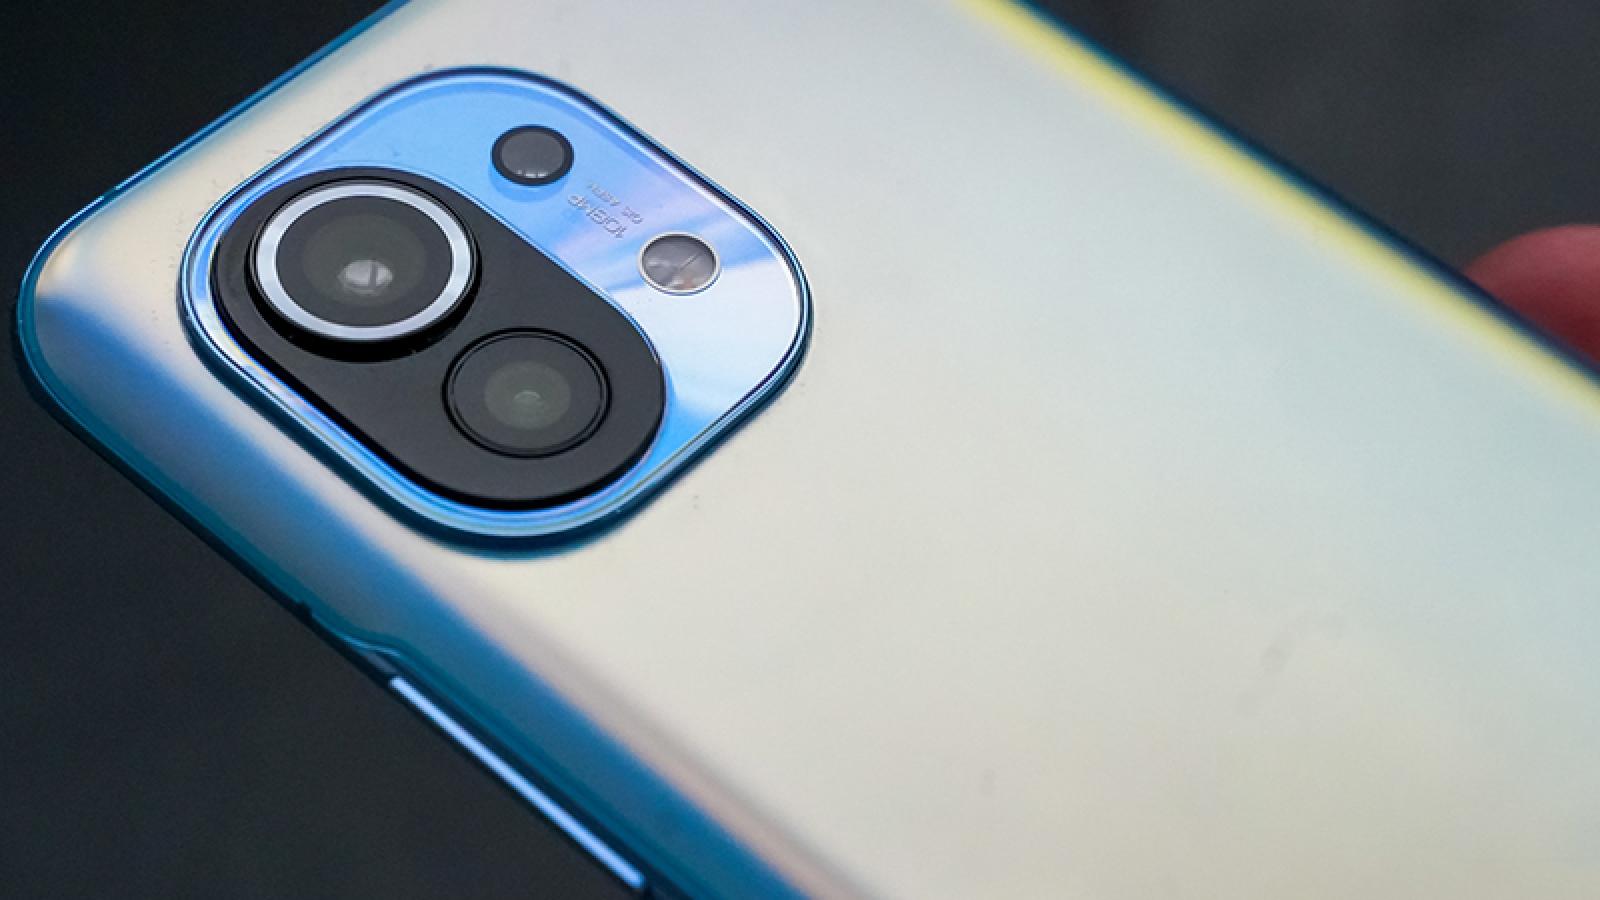 Xiaomi Mi 11 Ultra và Mi 11 Pro sẽ có công nghệ làm thay đổi ngành công nghiệp?